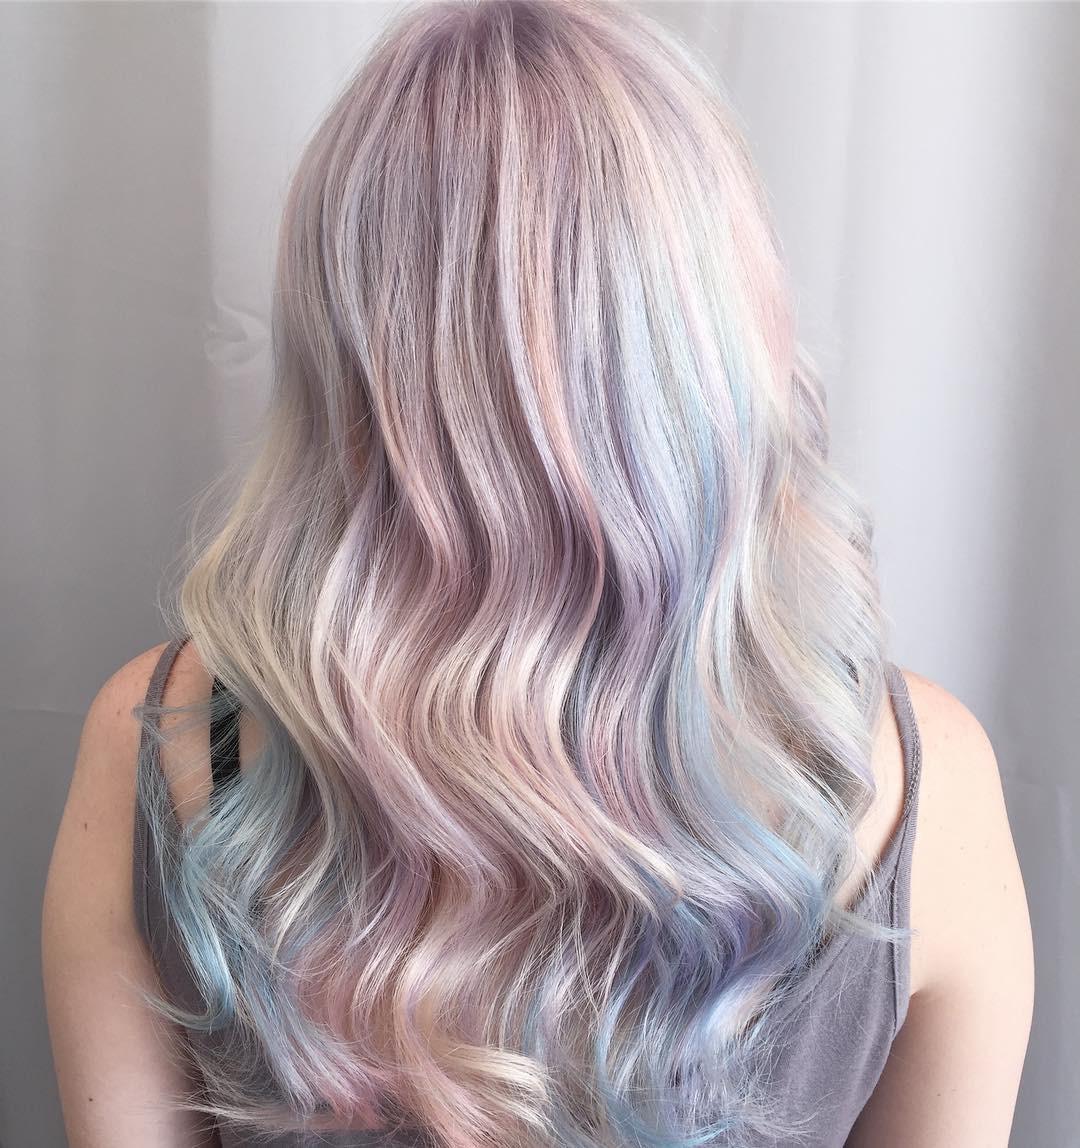 Tóc nhuộm kẹo bông: màu nhuộm huyền ảo mở hàng cho xu hướng tóc 2018 đảm bảo sẽ khiến hội sành điệu phải rối rít - Ảnh 5.